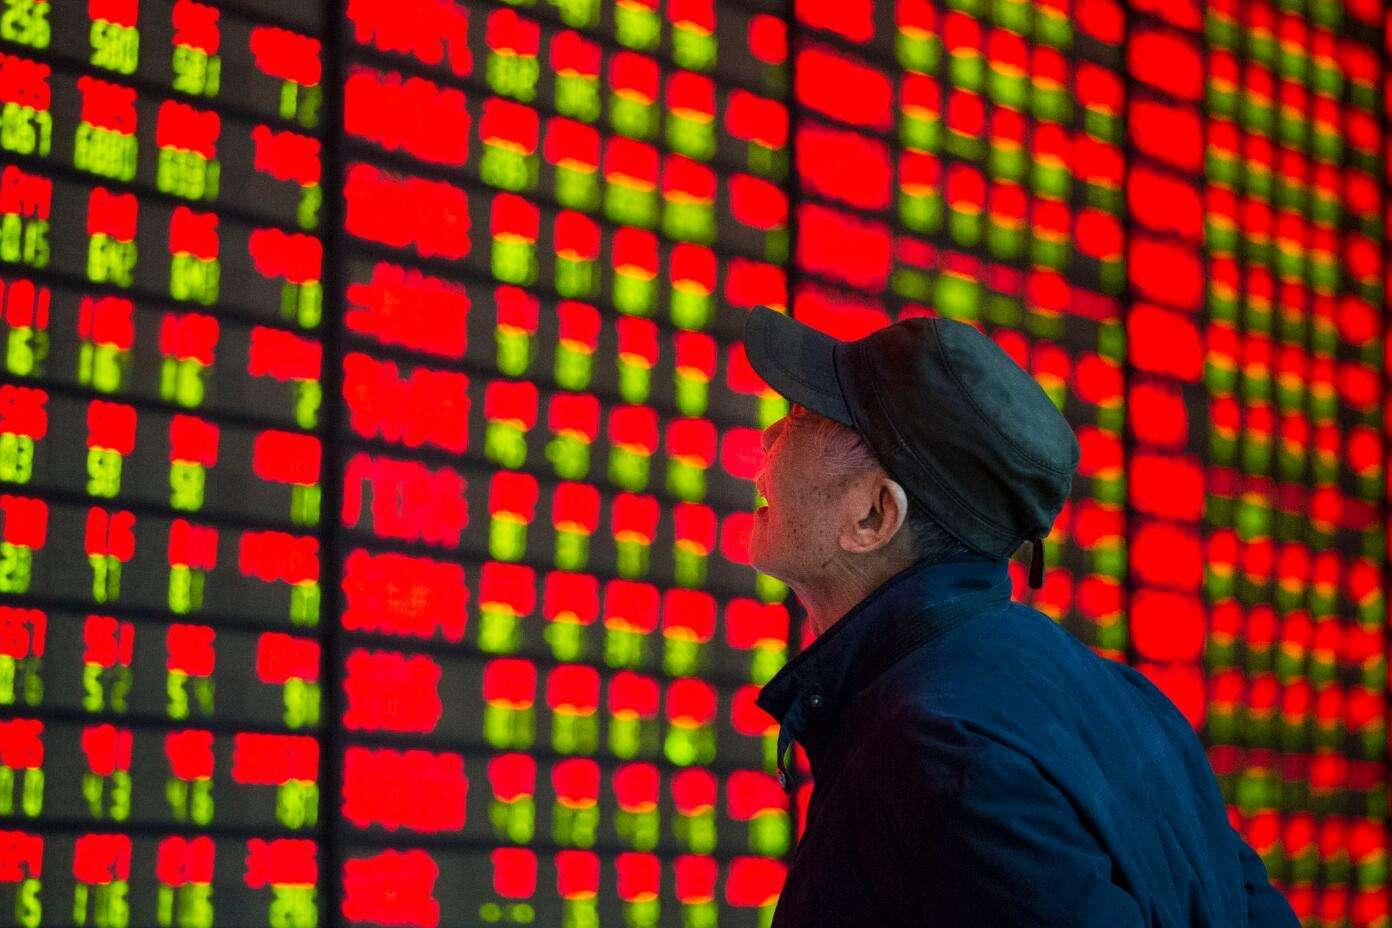 证券民事公益诉讼之路还有三题待破